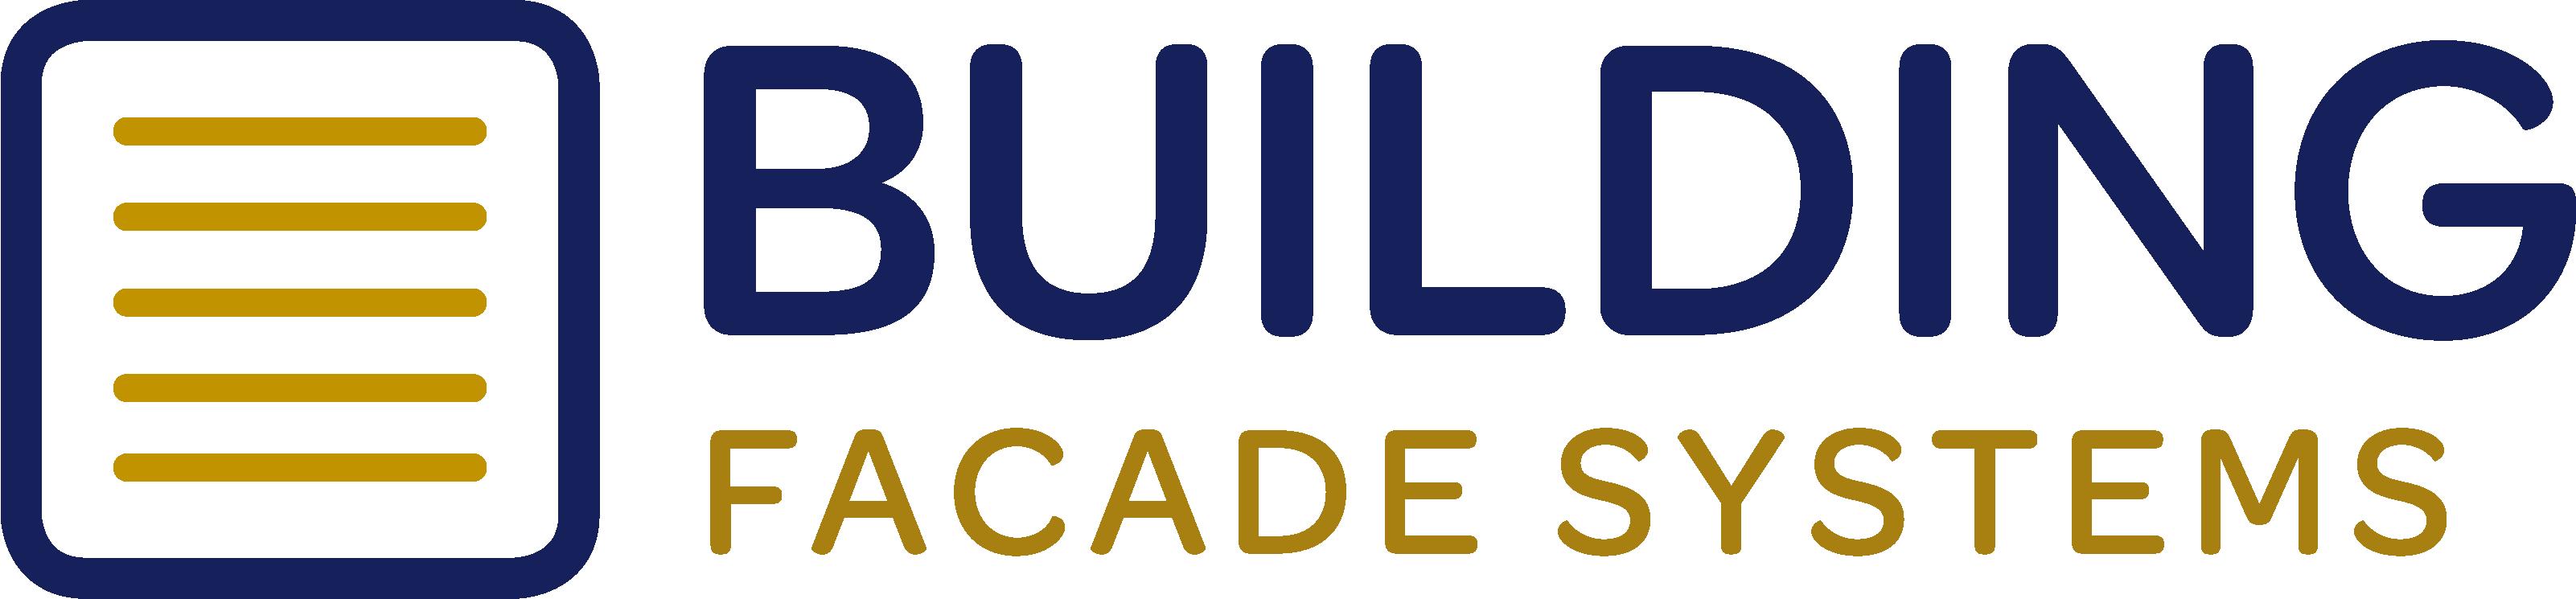 Building Façade systems